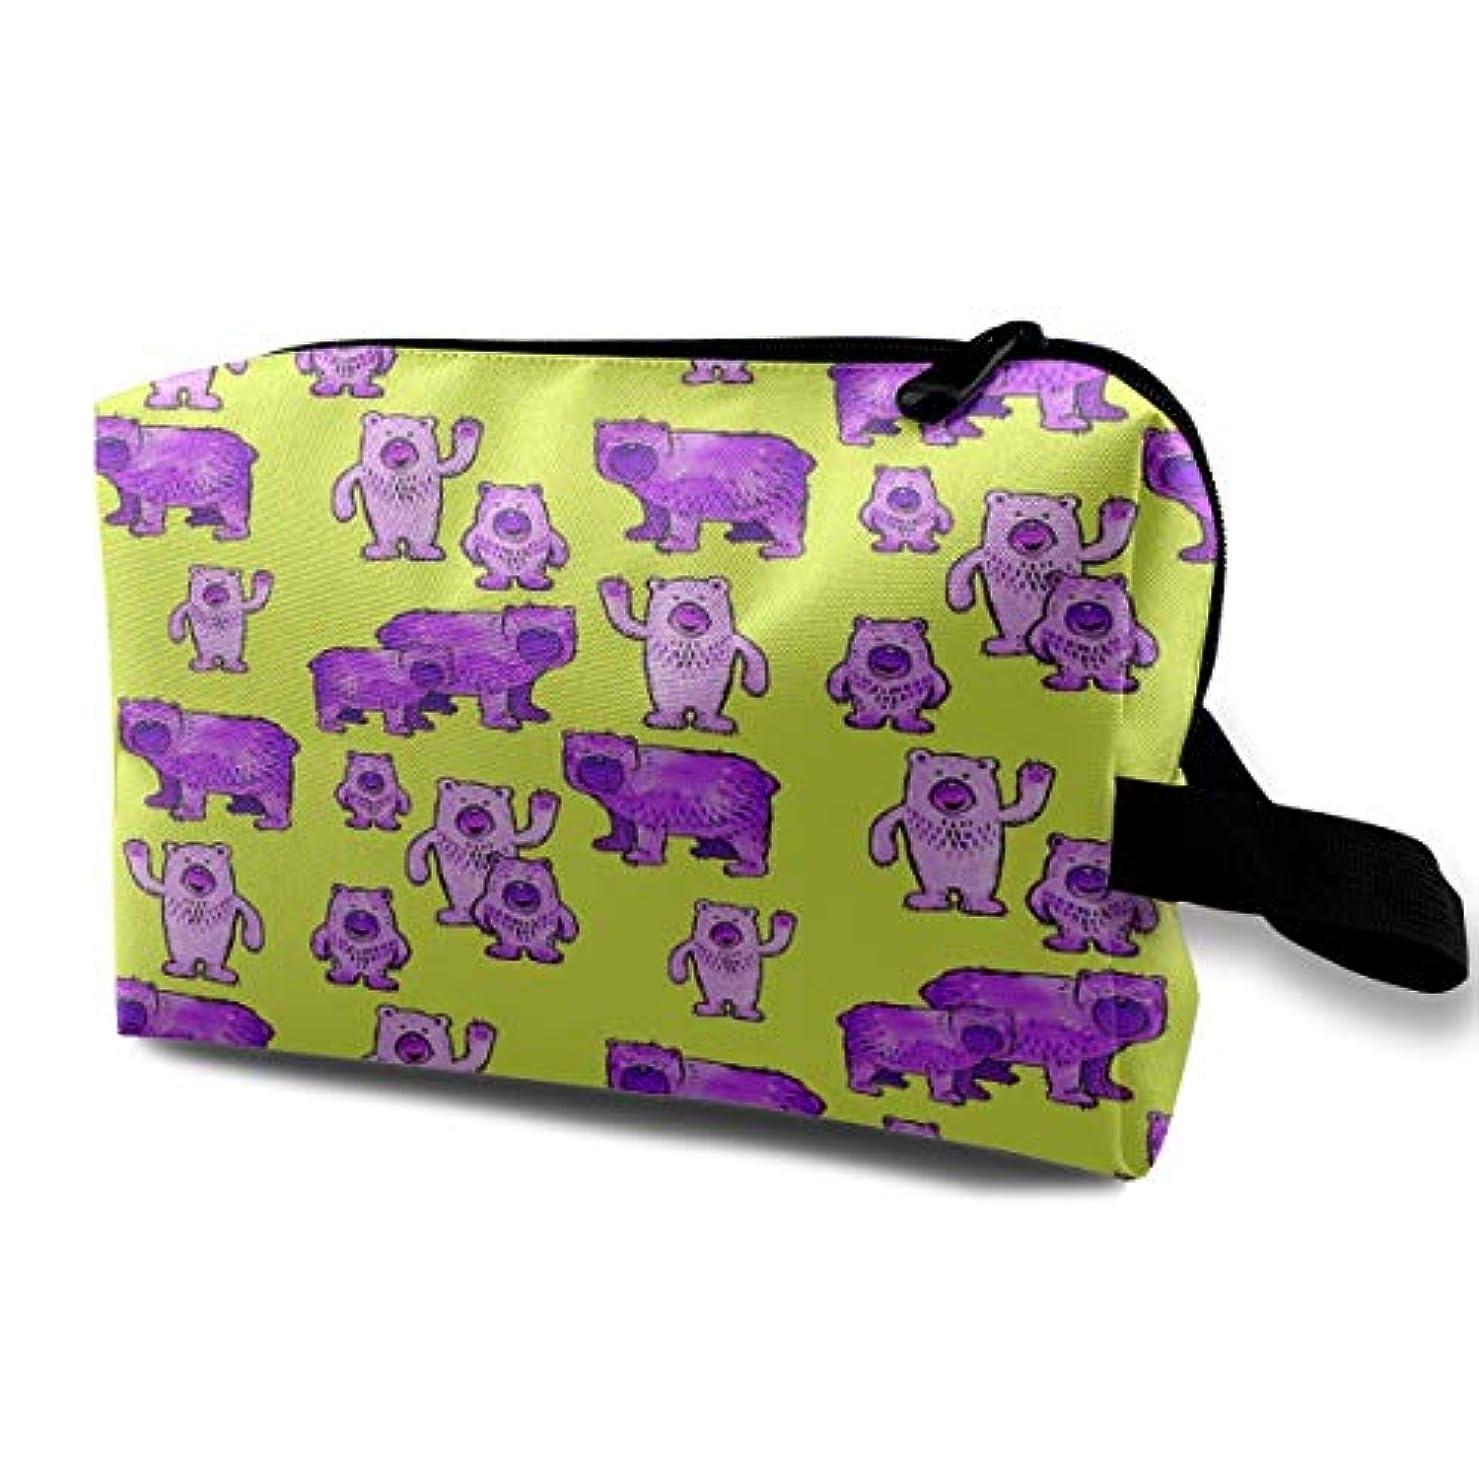 くちばし行列花火Bears In Purple And Lime Green 収納ポーチ 化粧ポーチ 大容量 軽量 耐久性 ハンドル付持ち運び便利。入れ 自宅?出張?旅行?アウトドア撮影などに対応。メンズ レディース トラベルグッズ